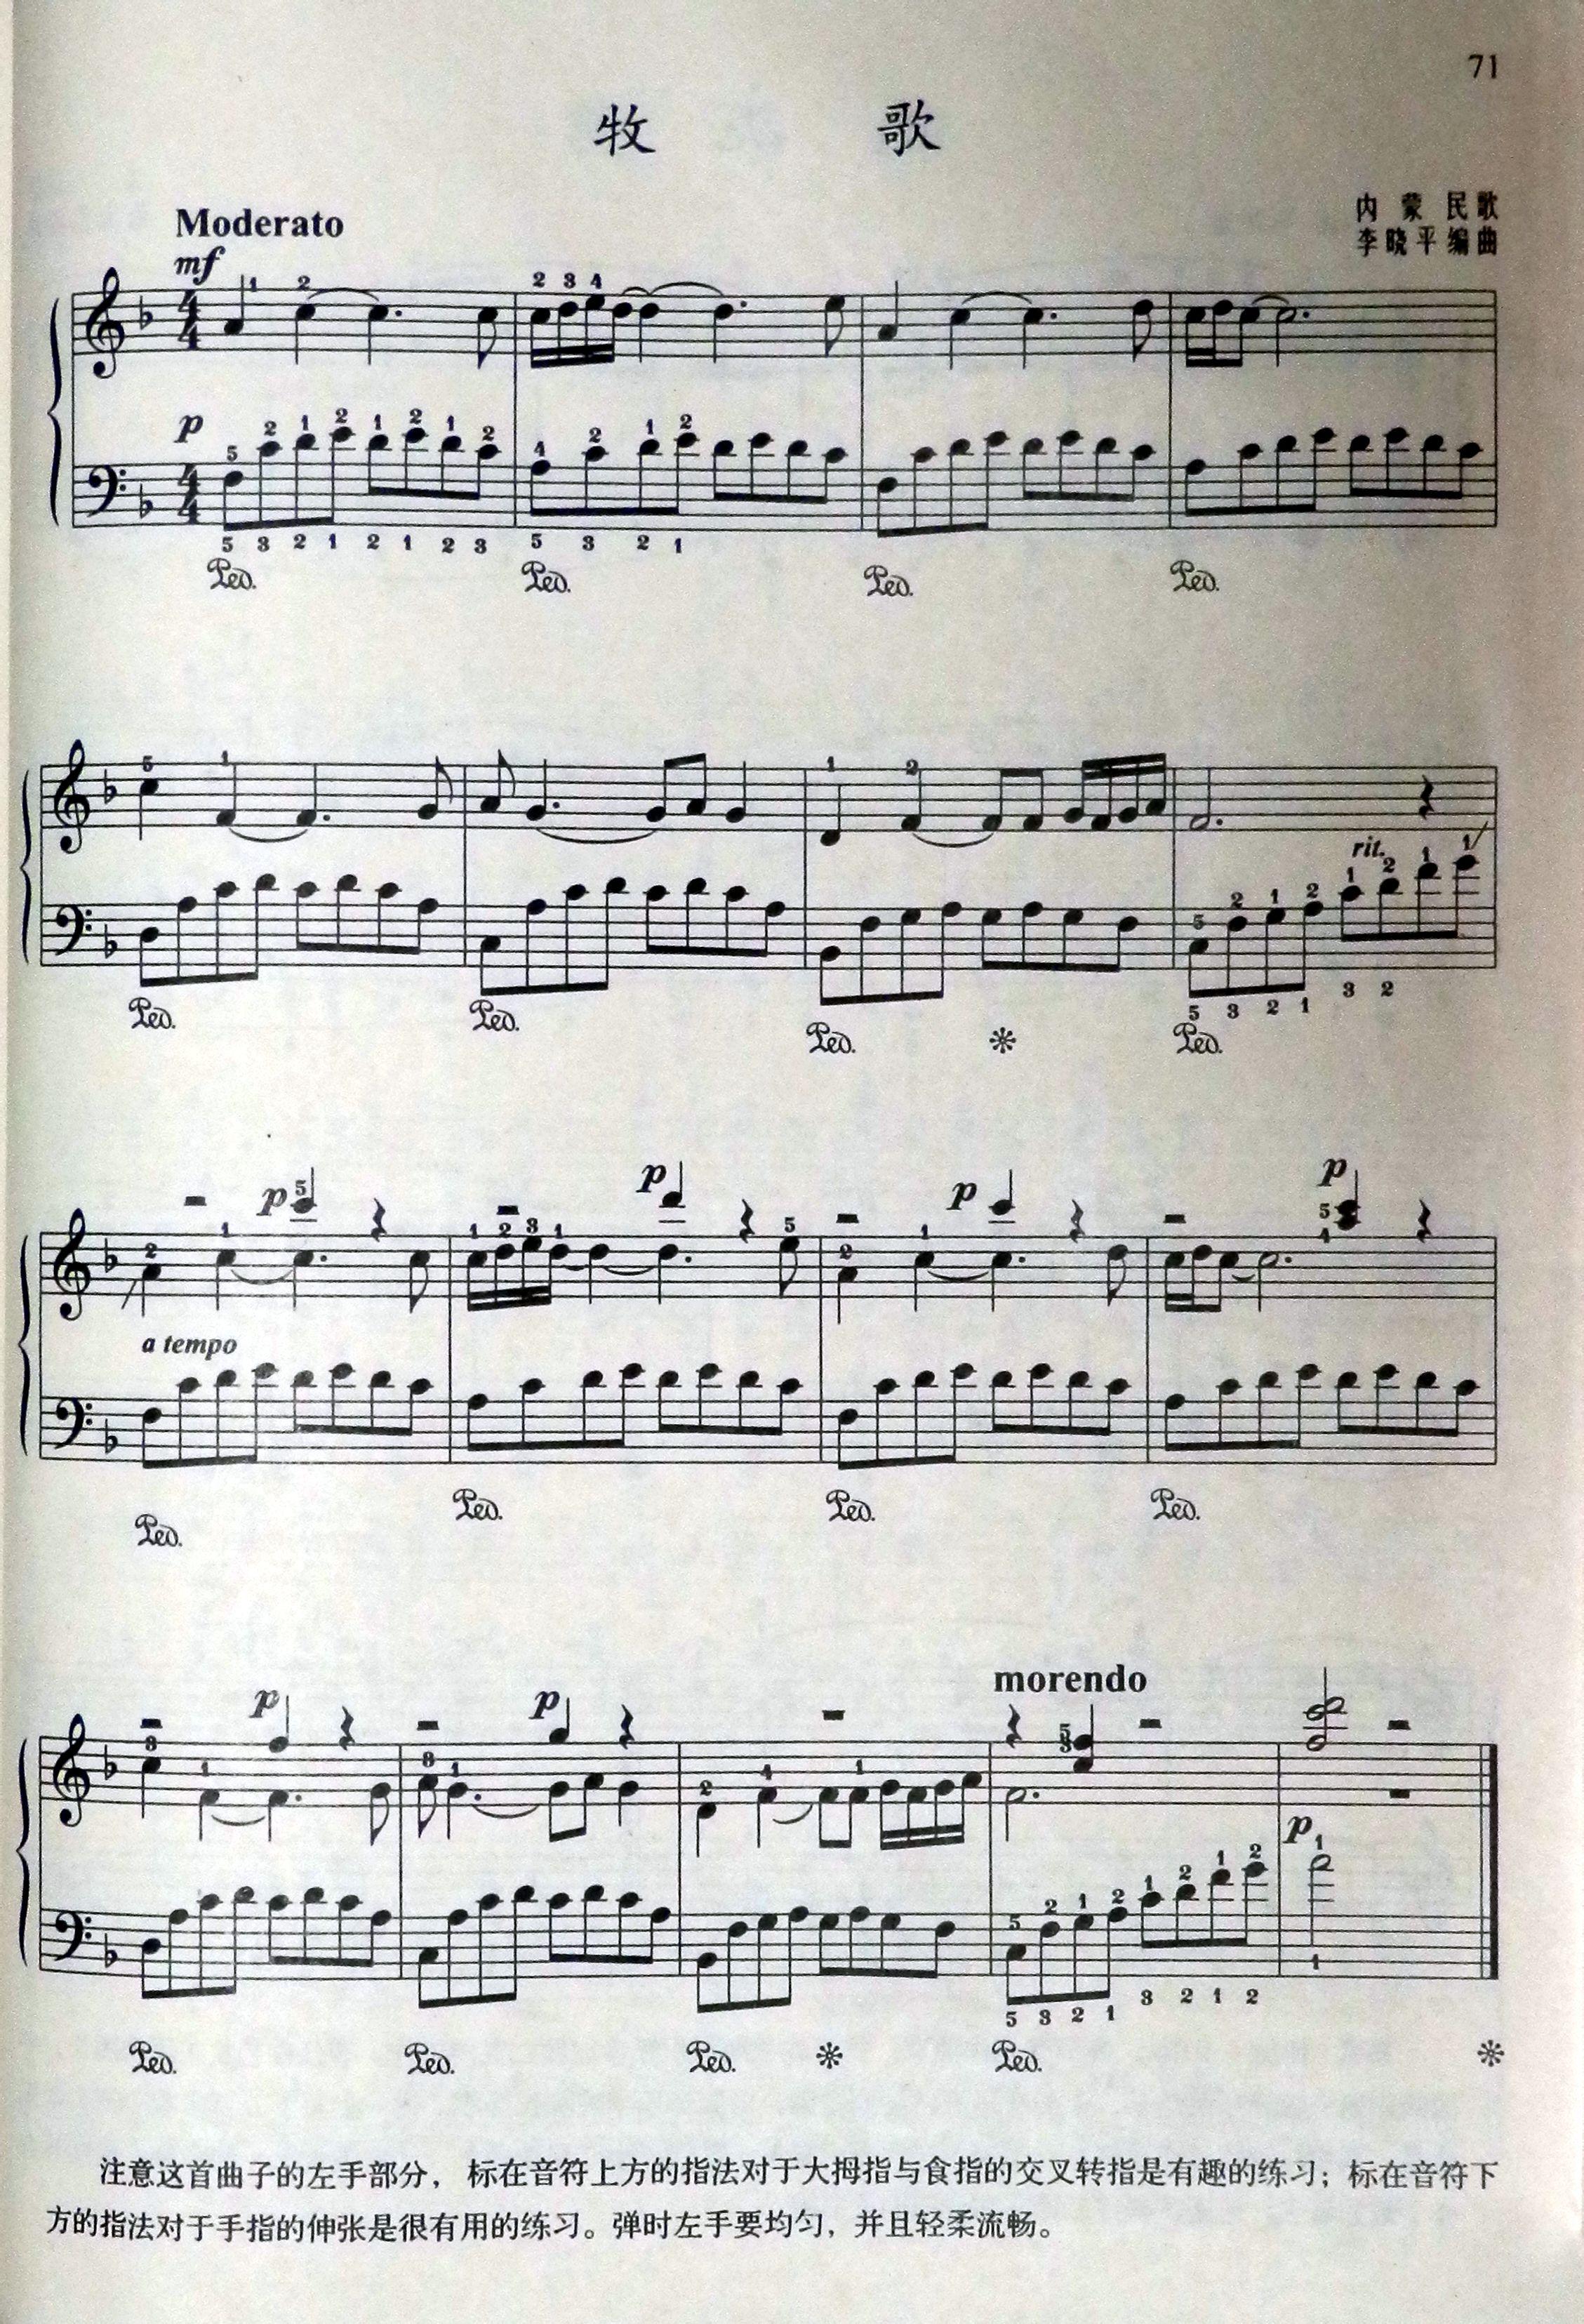 基础钢琴《五月》谱子_谁有钢琴基础教程一的谱子?